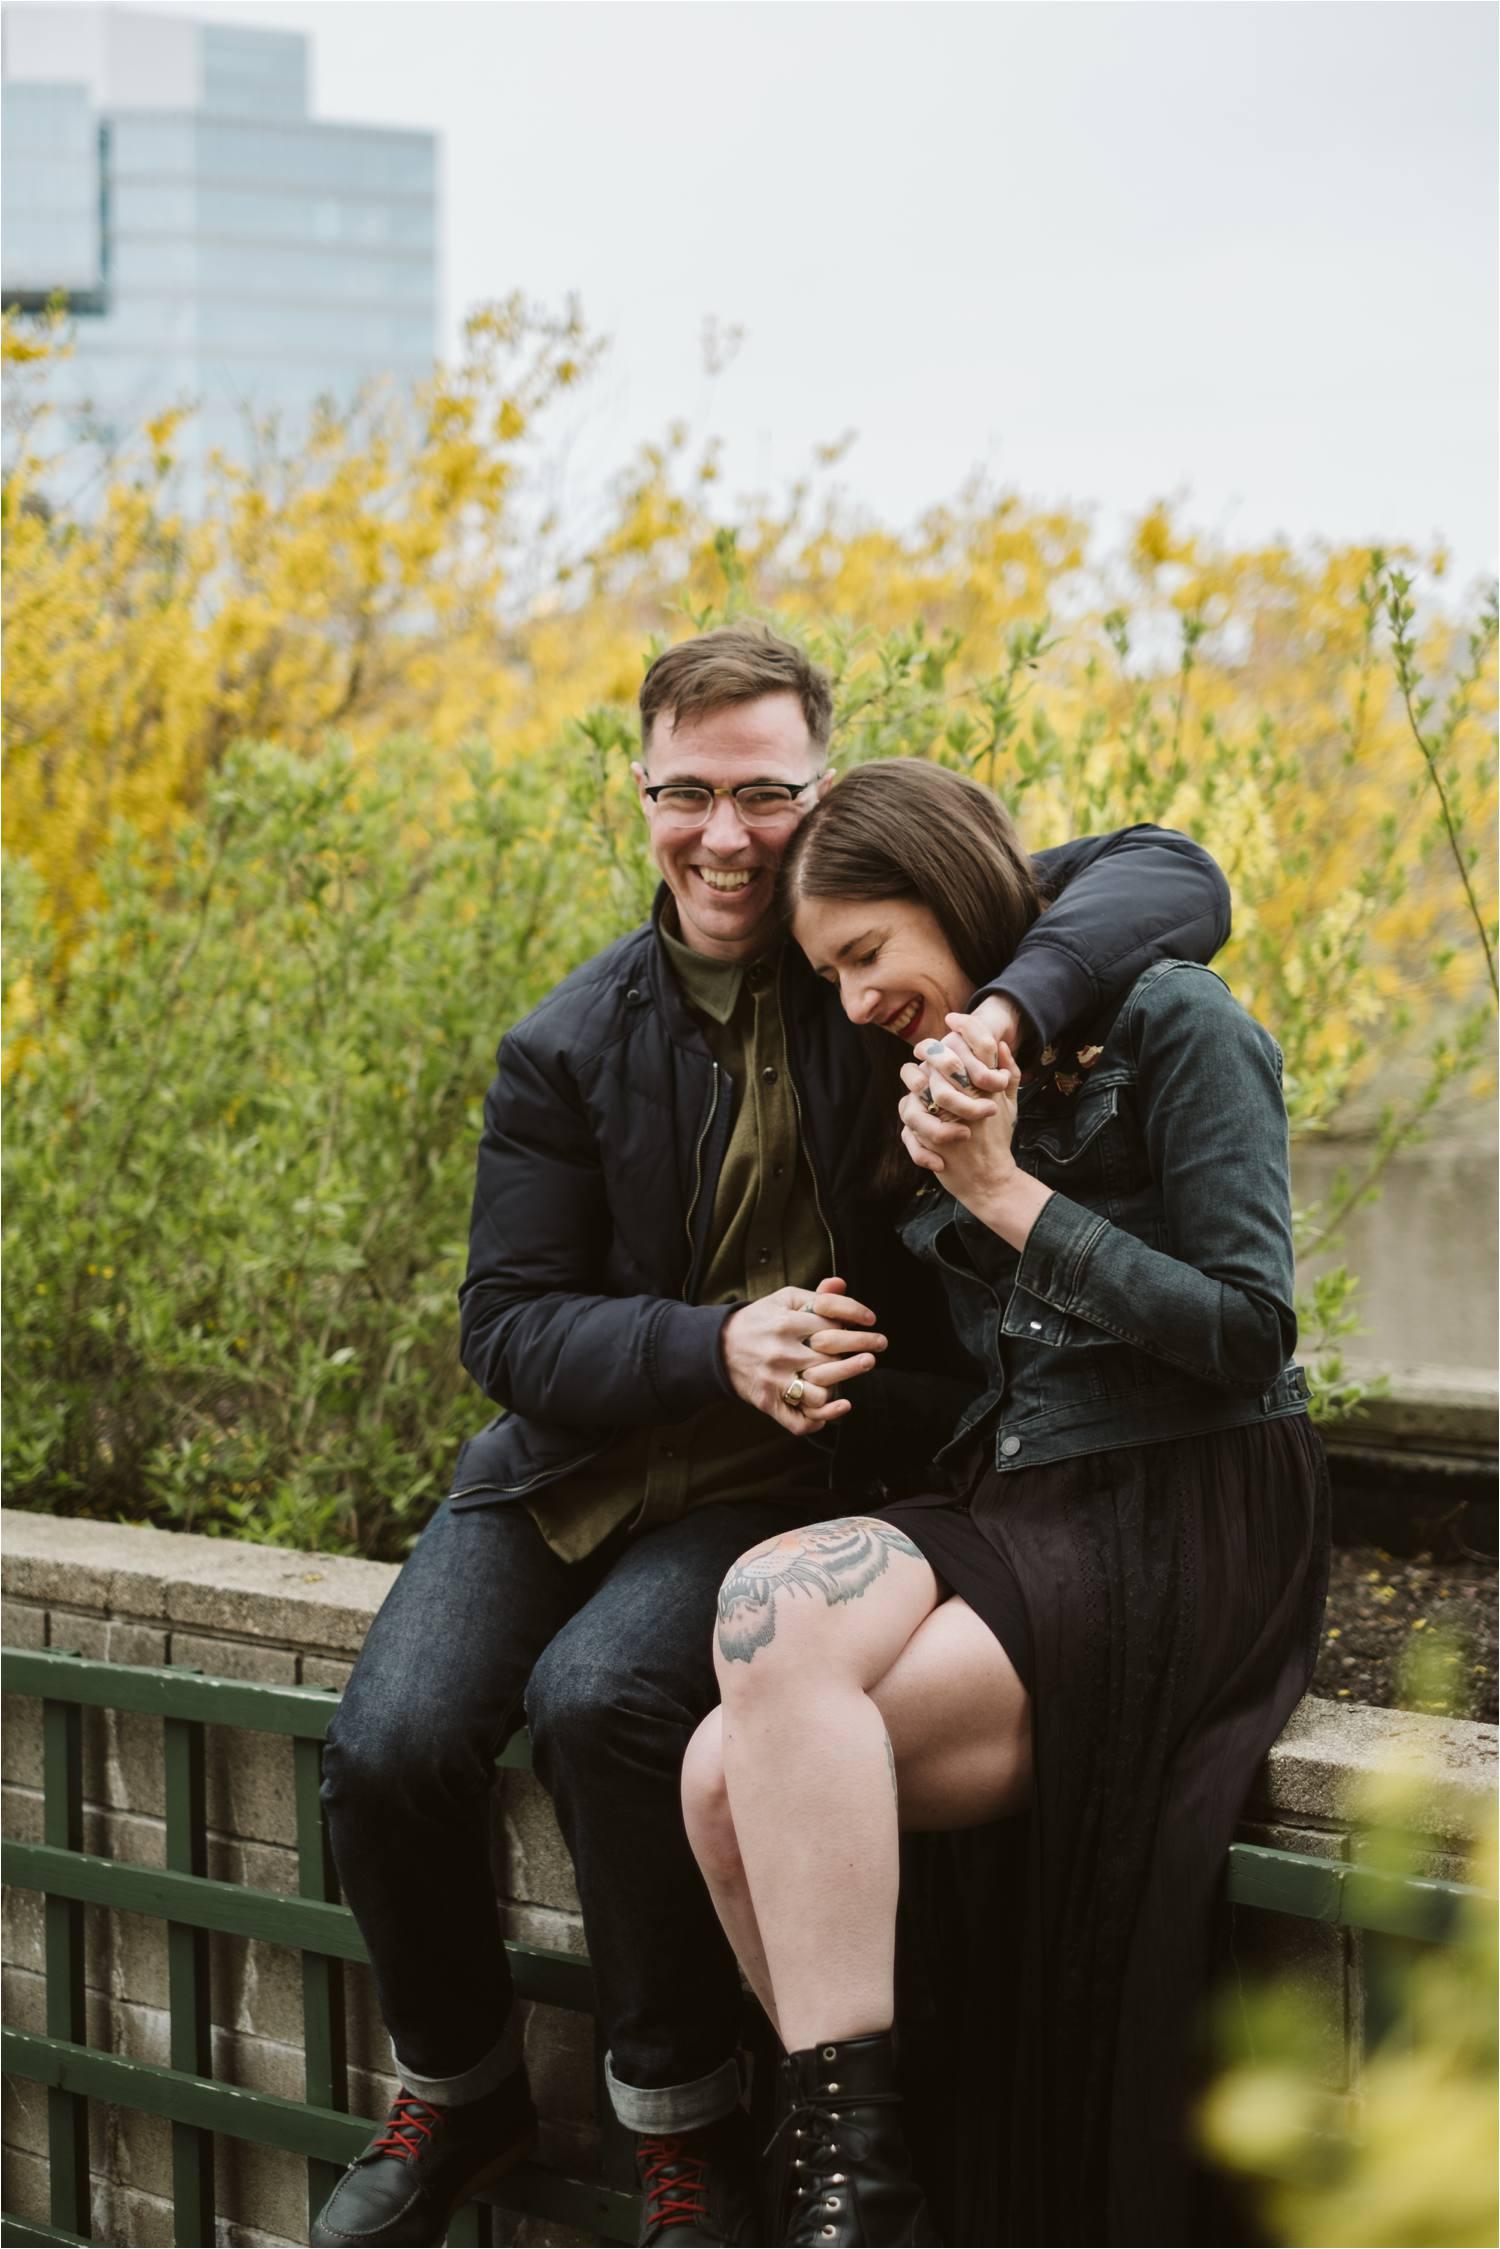 cambridge Boston engagement session - boston engagement - jemima richards